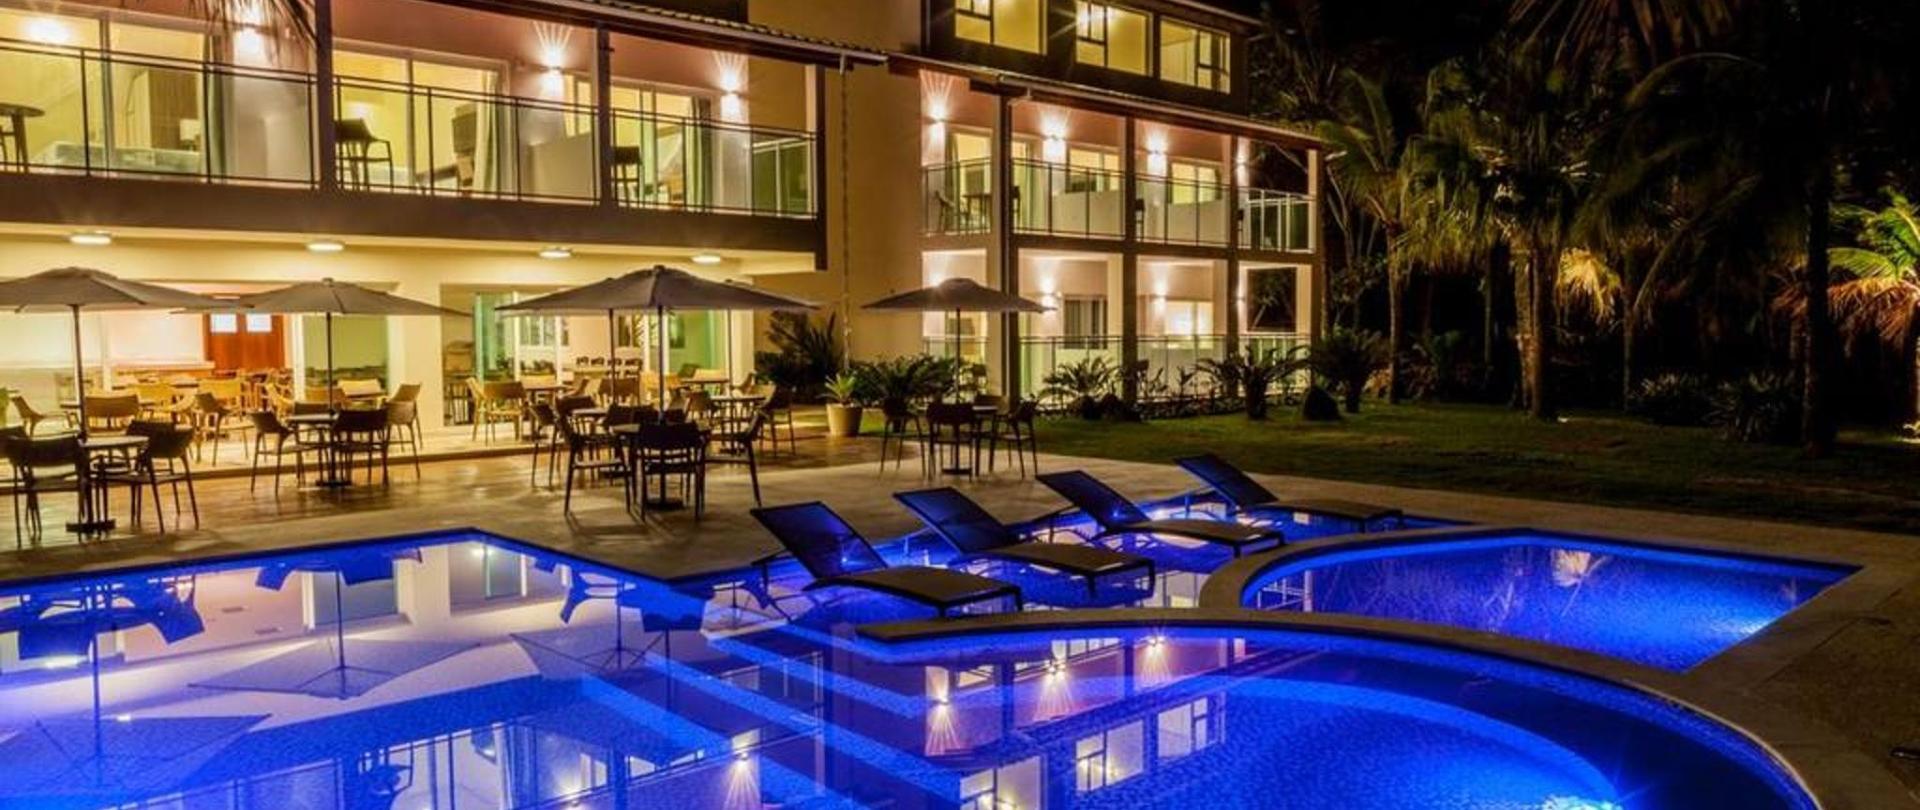 Amora Hotel | Maresias | São Paulo | Brasil.jpg